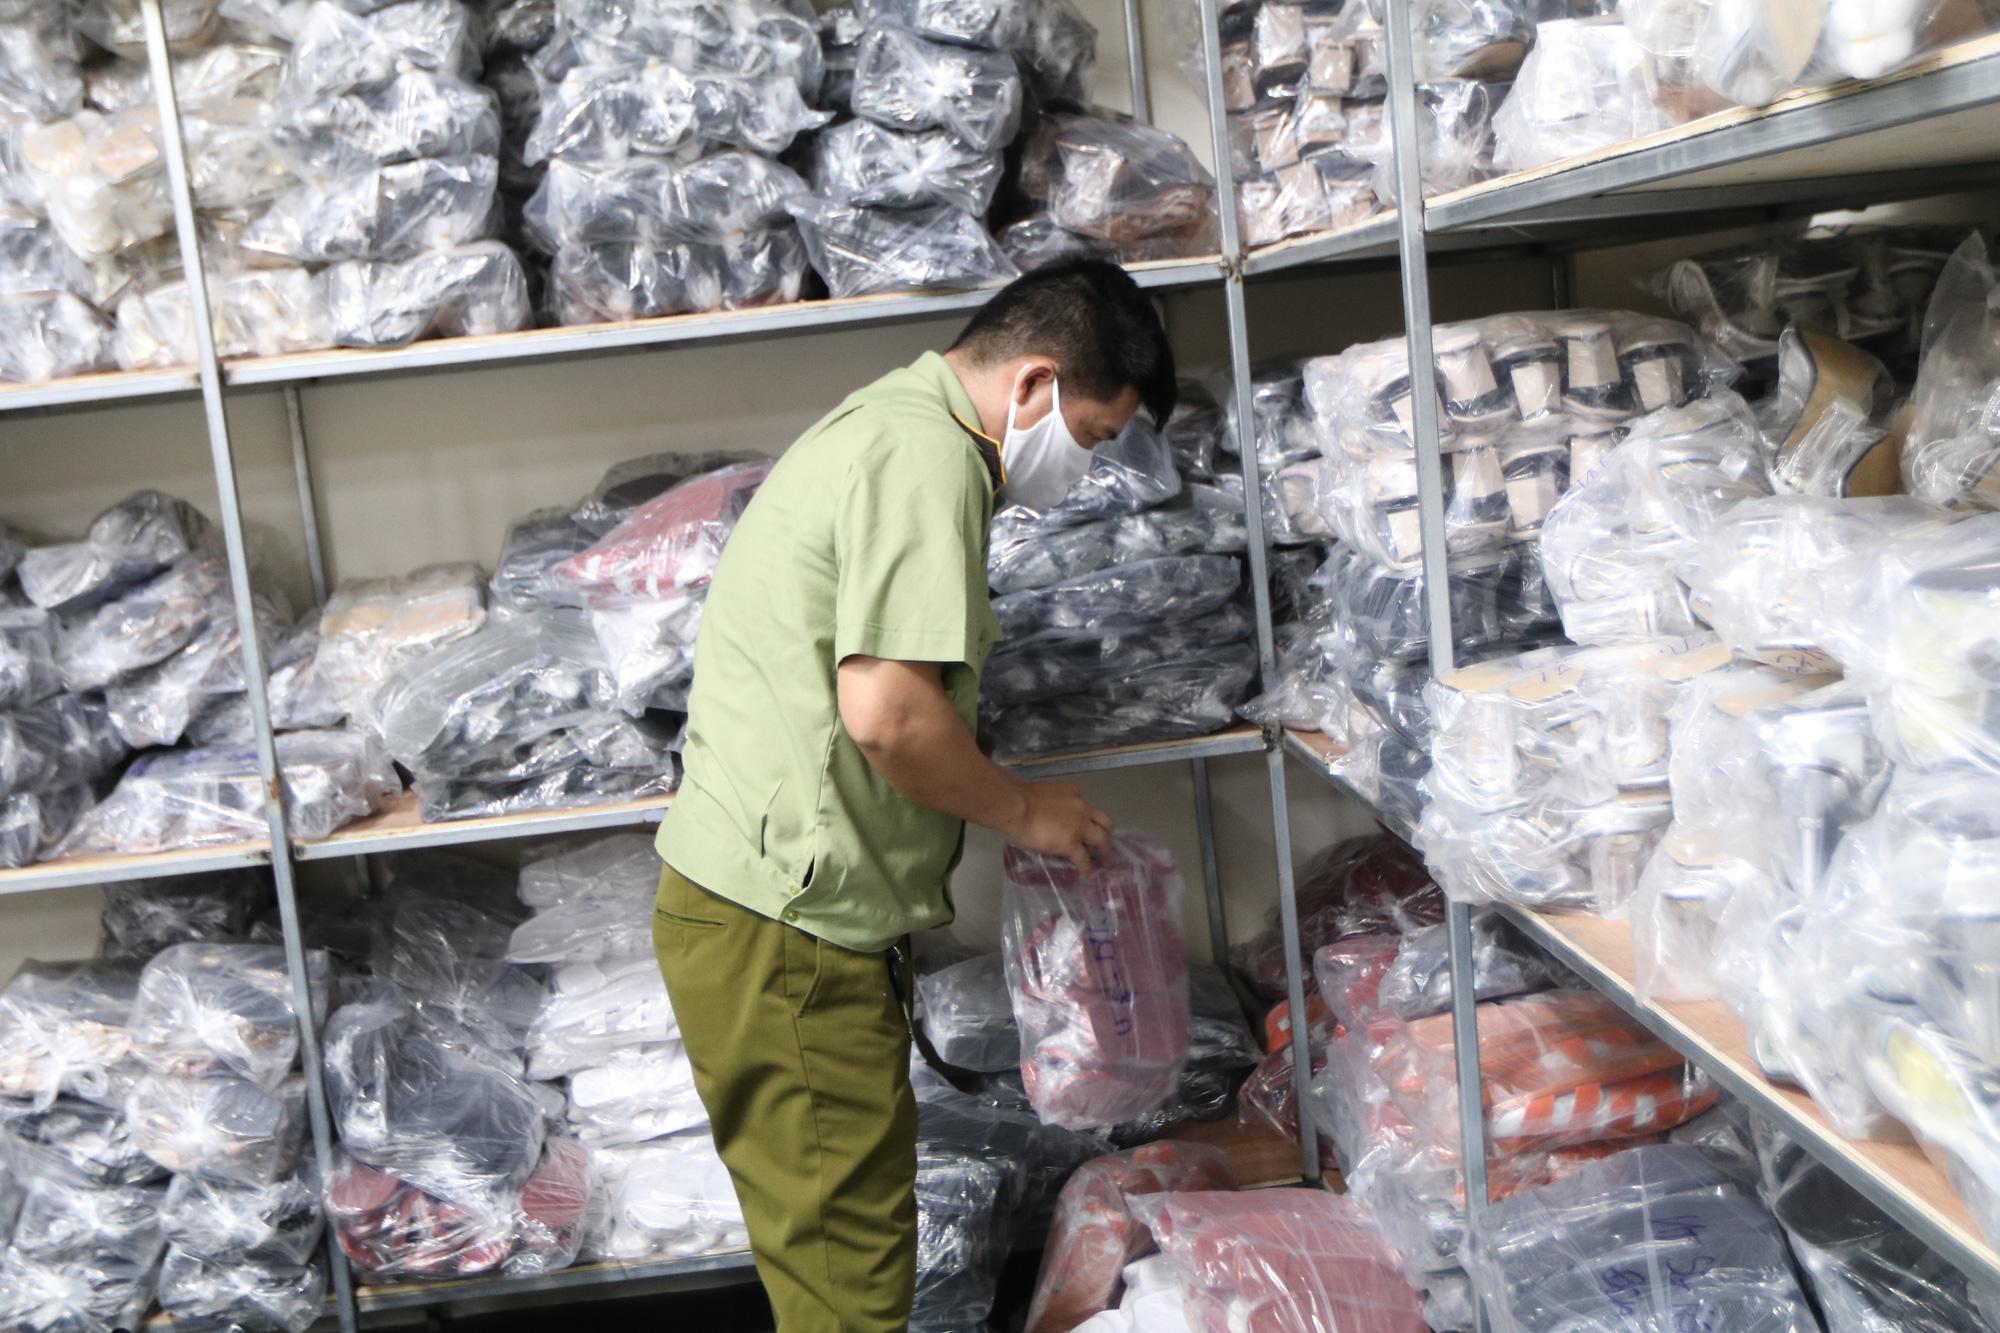 Hà Nội: Triệt phá kho giày dép hơn 3.000 đôi giả mạo các nhãn hiệu nổi tiếng thế giới - Ảnh 6.